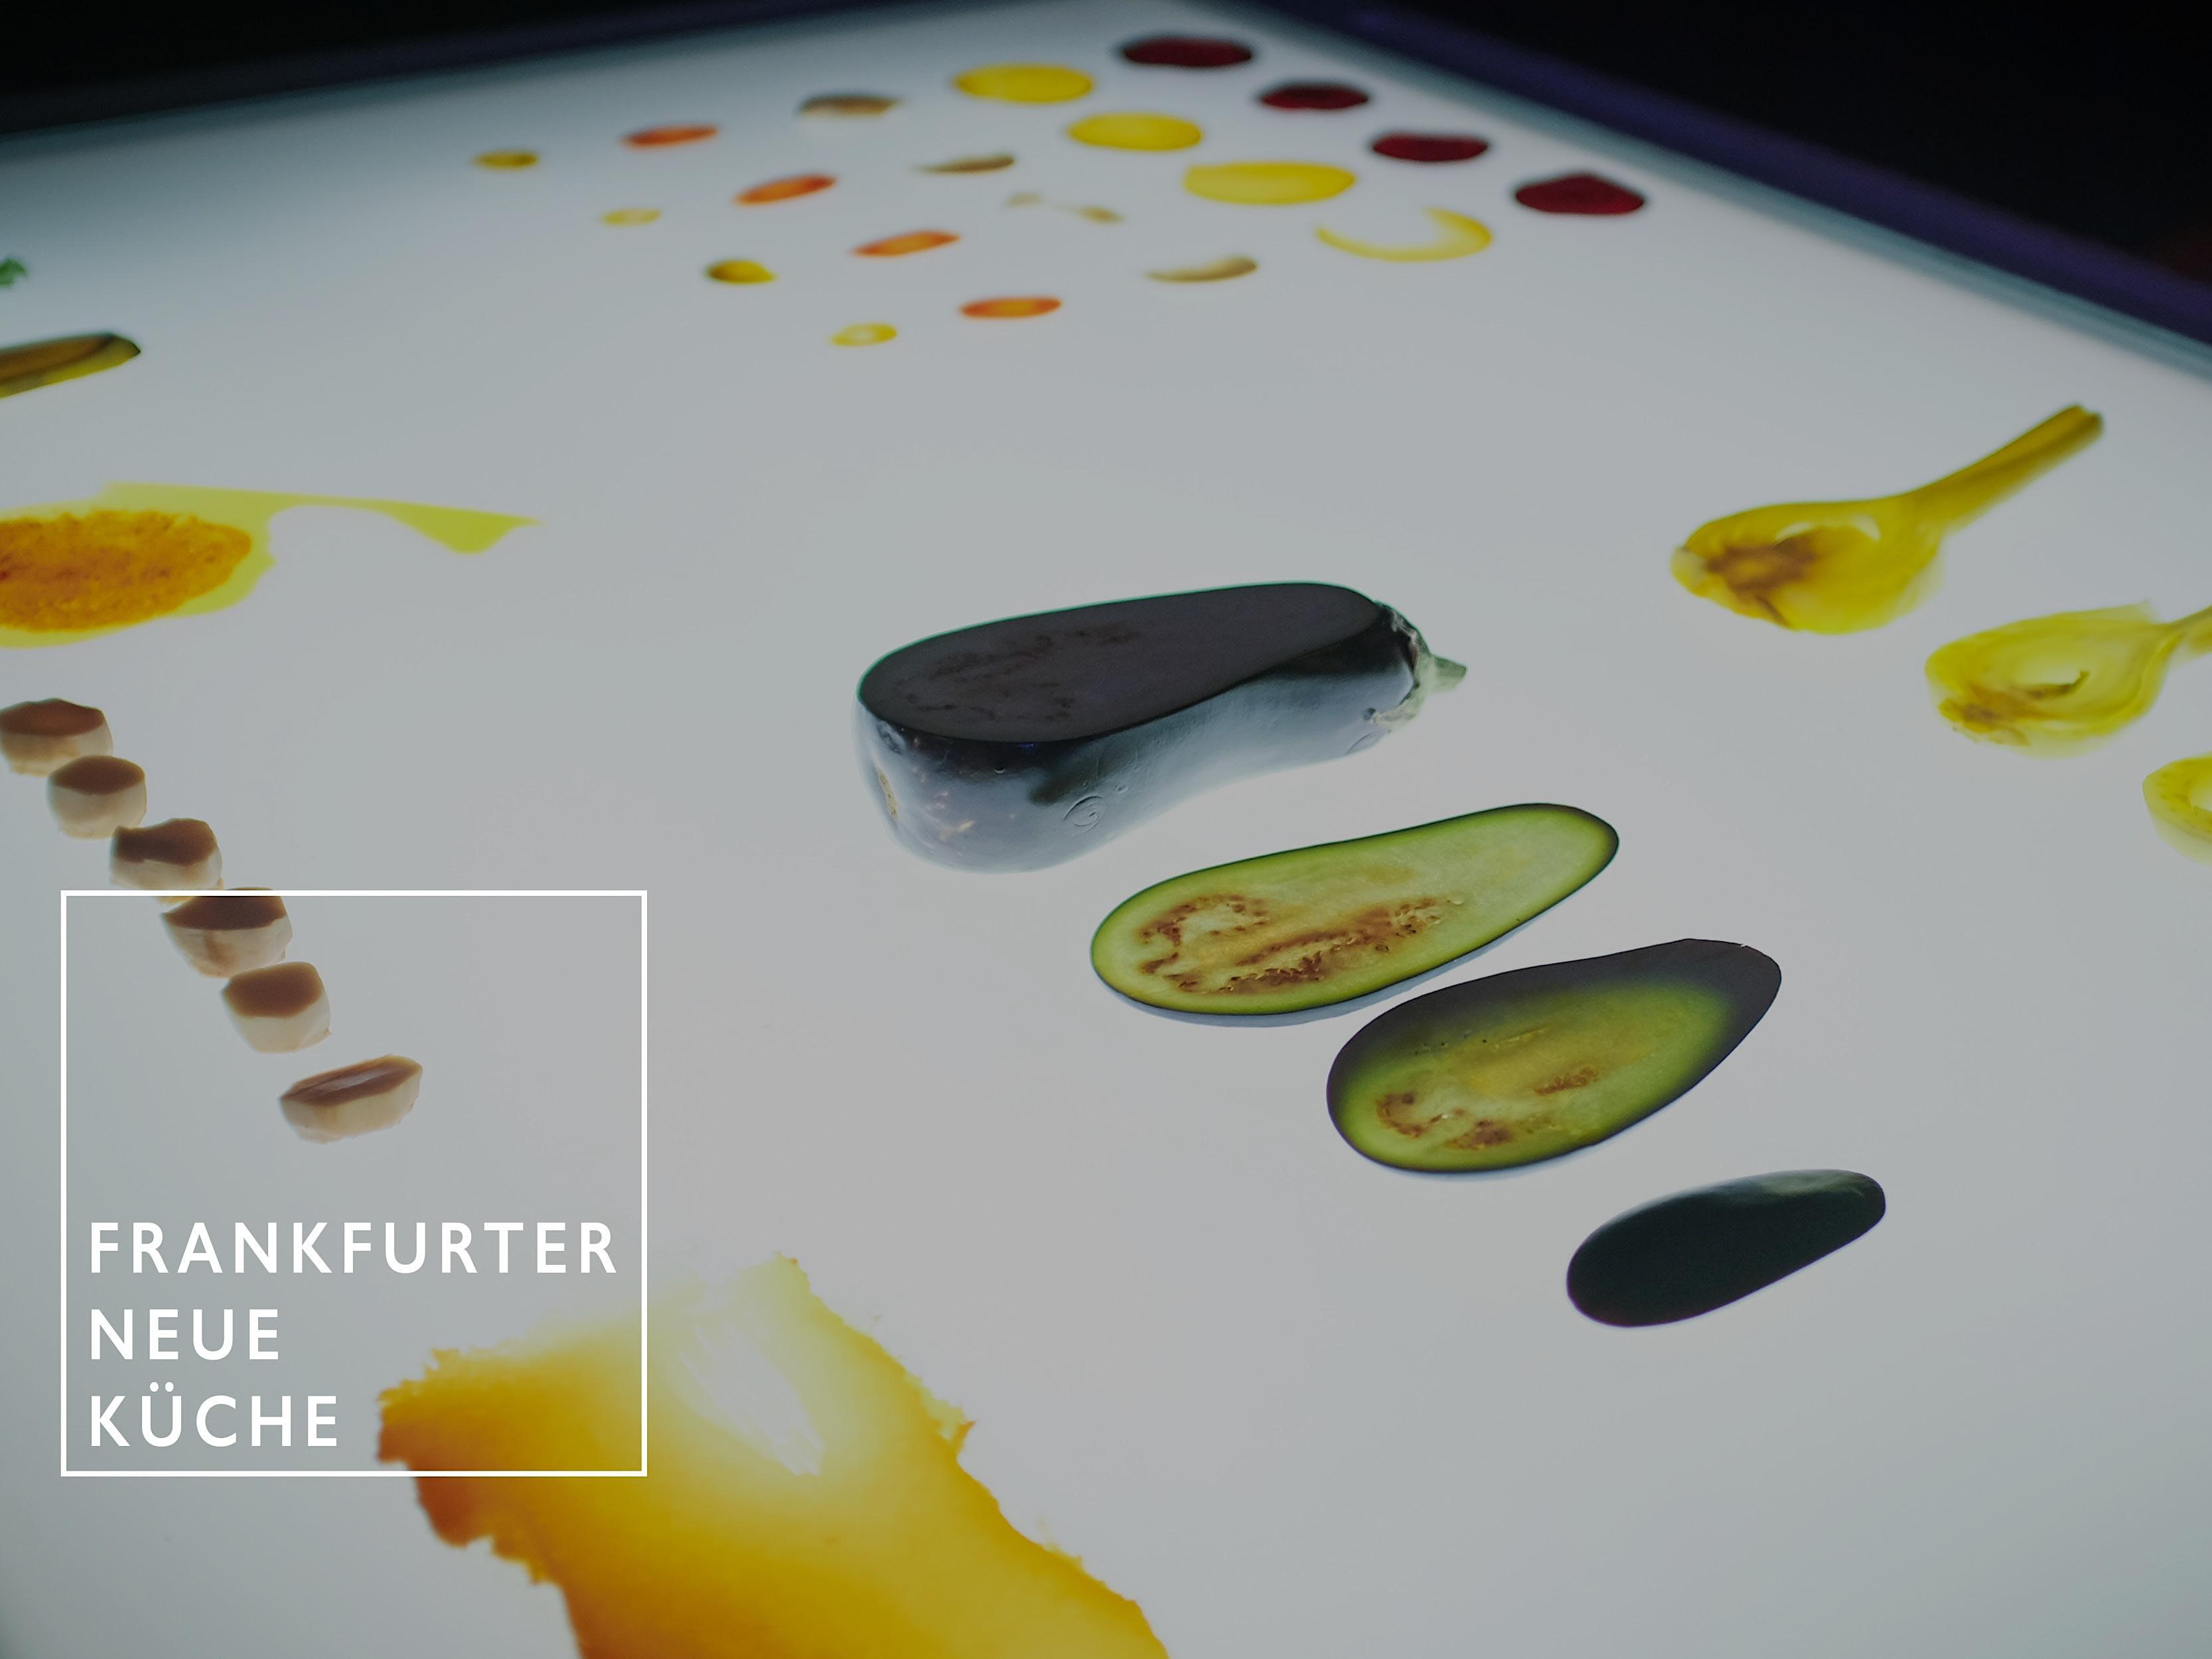 FRANKFURTER NEUE KÜCHE, 3 February | Event in Frankfurt am Main | AllEvents.in